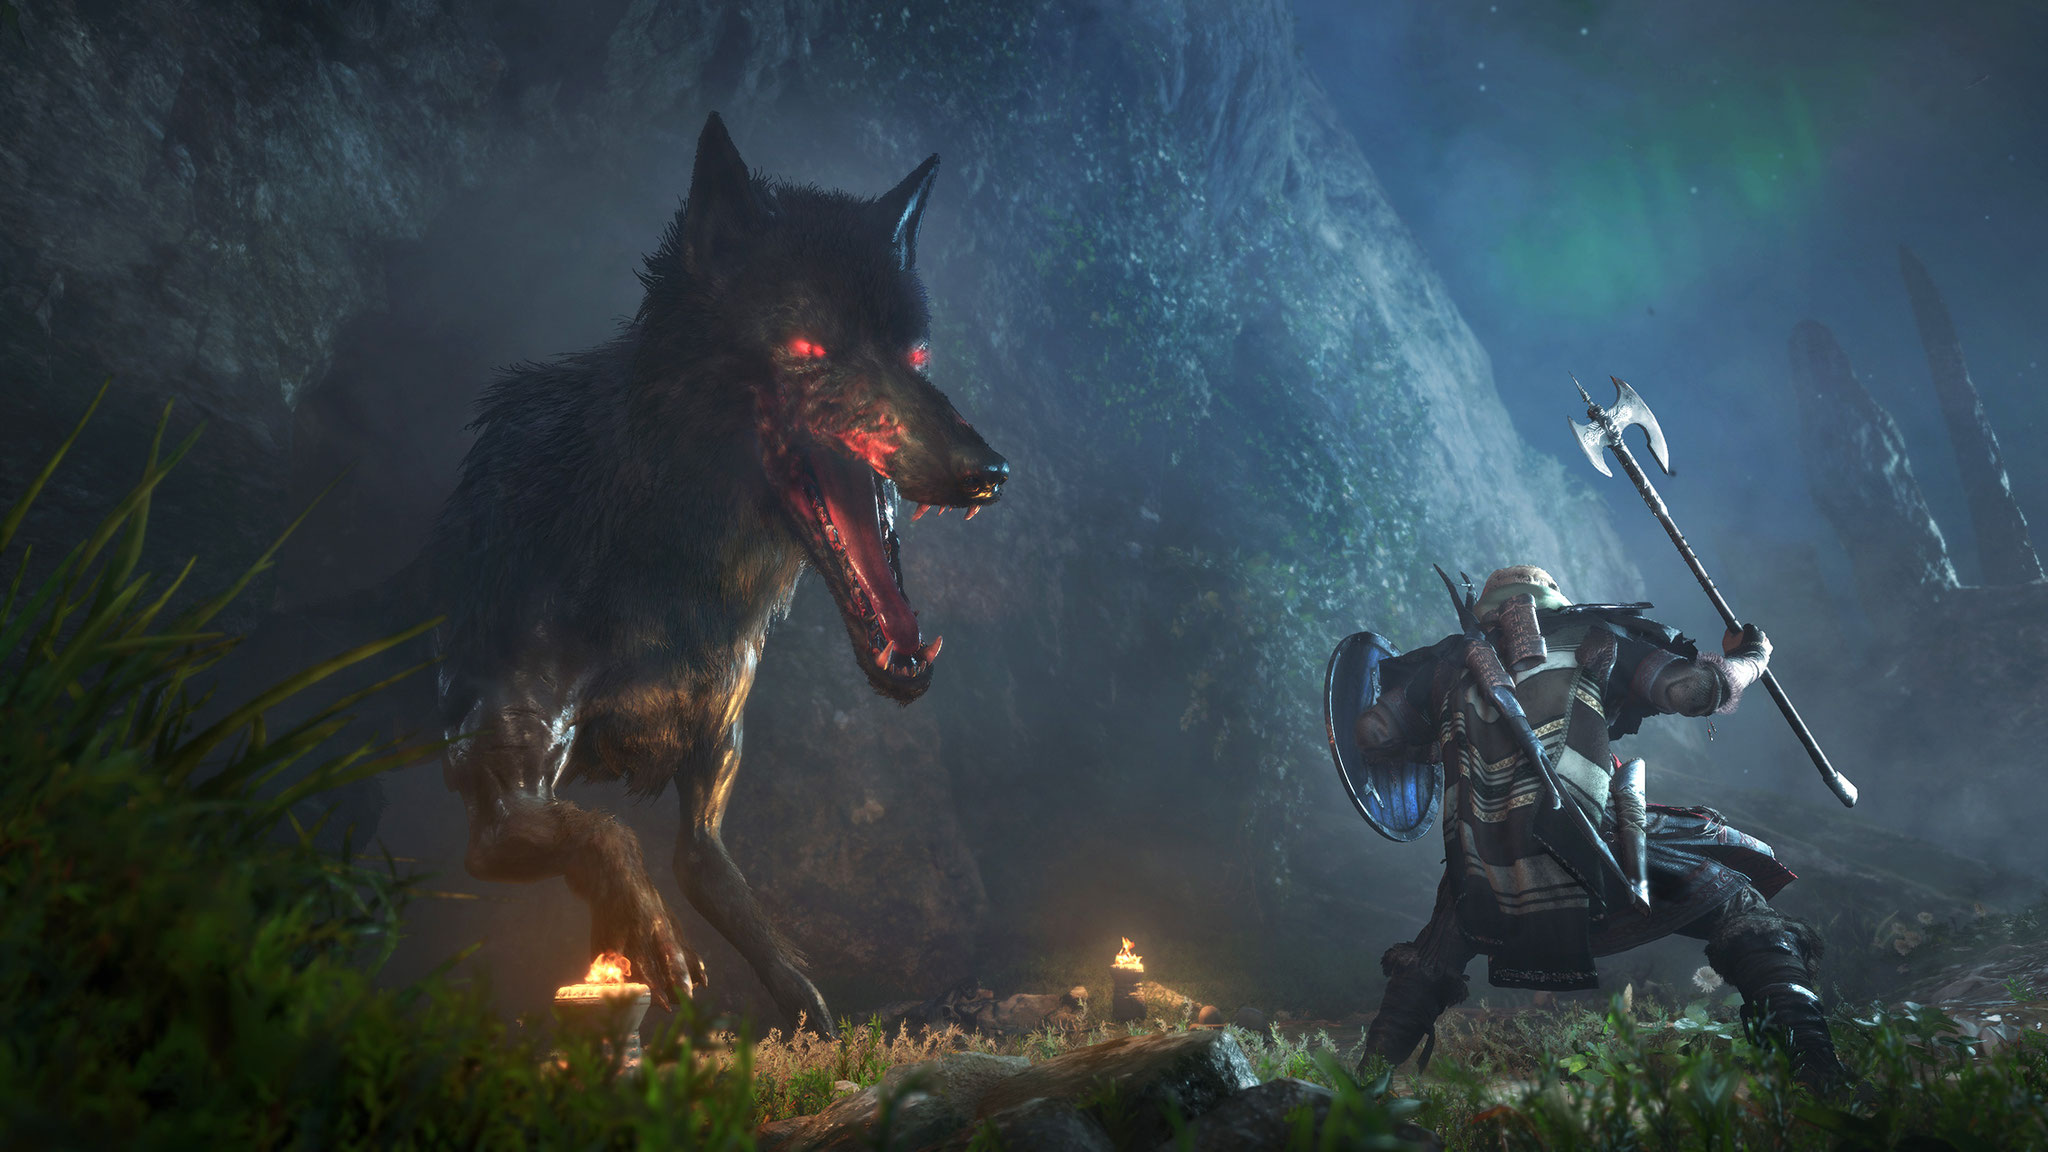 Eivors persönliche Nemesis begleitet ihn bis in ihre übersinnlichen Visionen und Träume: ein Wolf.